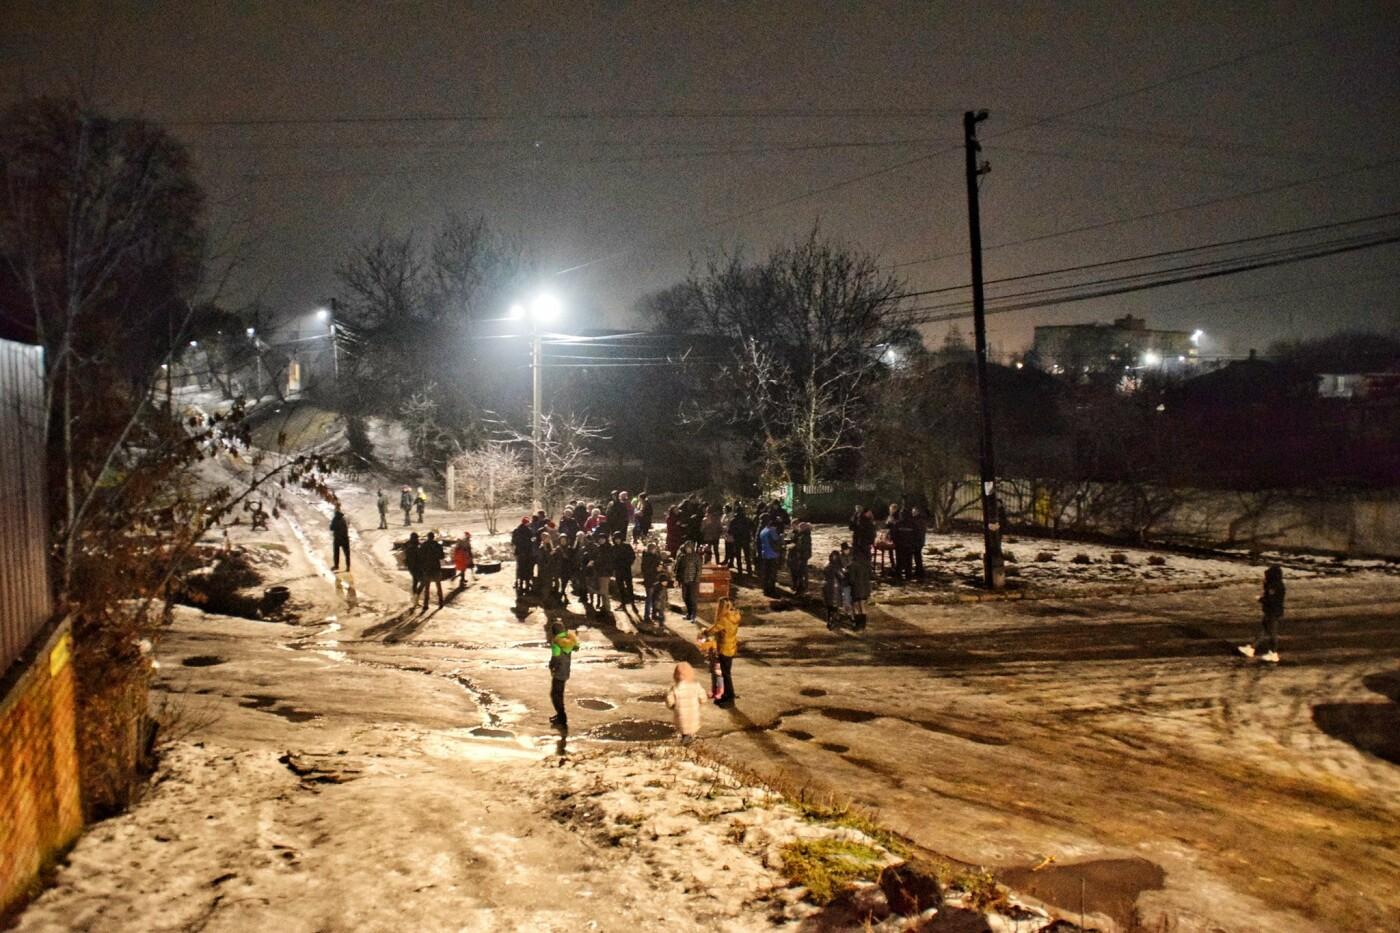 У 35-му кварталі Конотопа влаштували новорічні гуляння на вулиці+ФОТО, фото-2